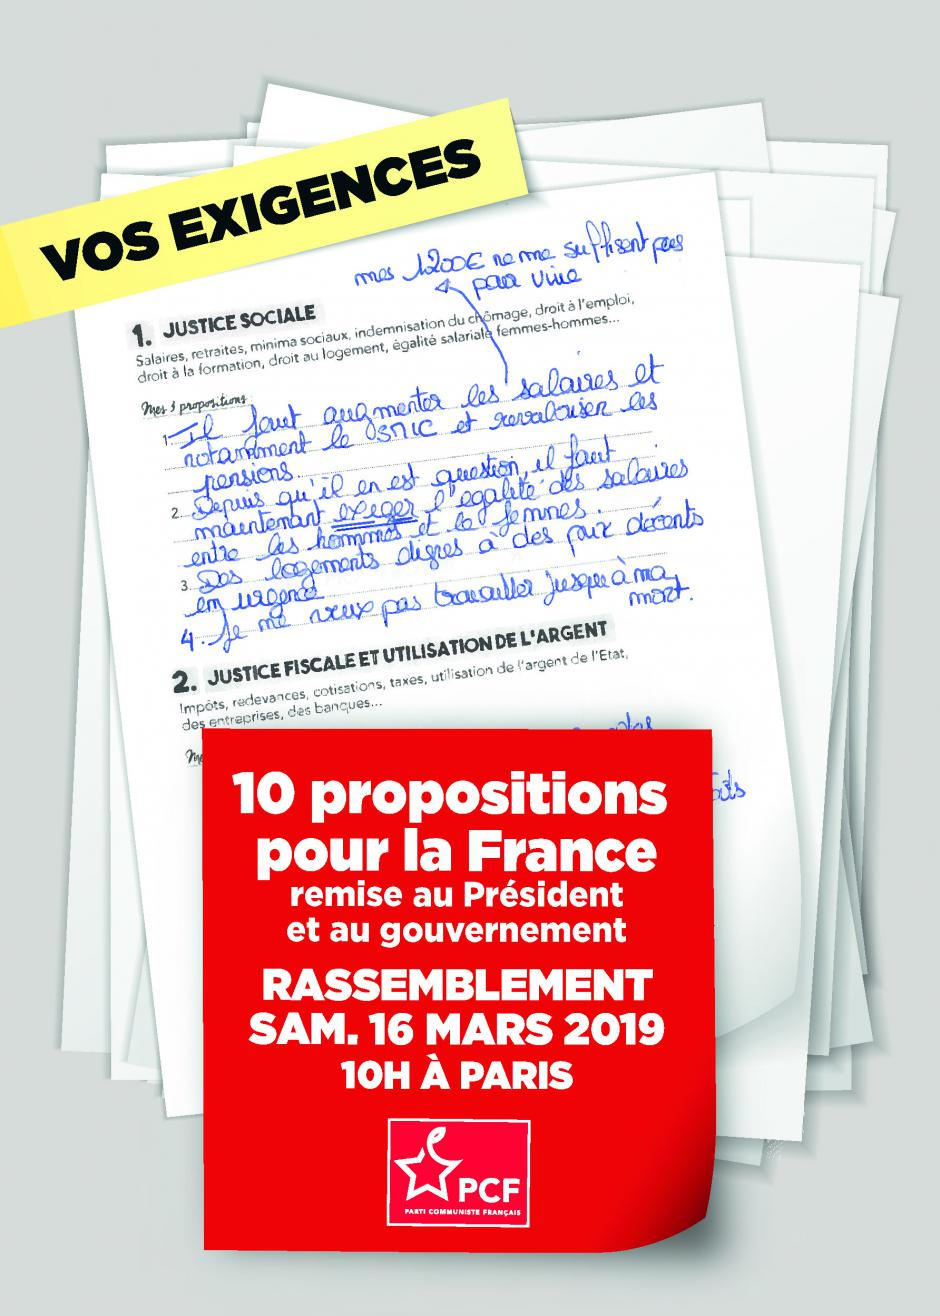 16 mars, Paris - Rassemblement « 10 propositions pour la France remises au président et au gouvernement »